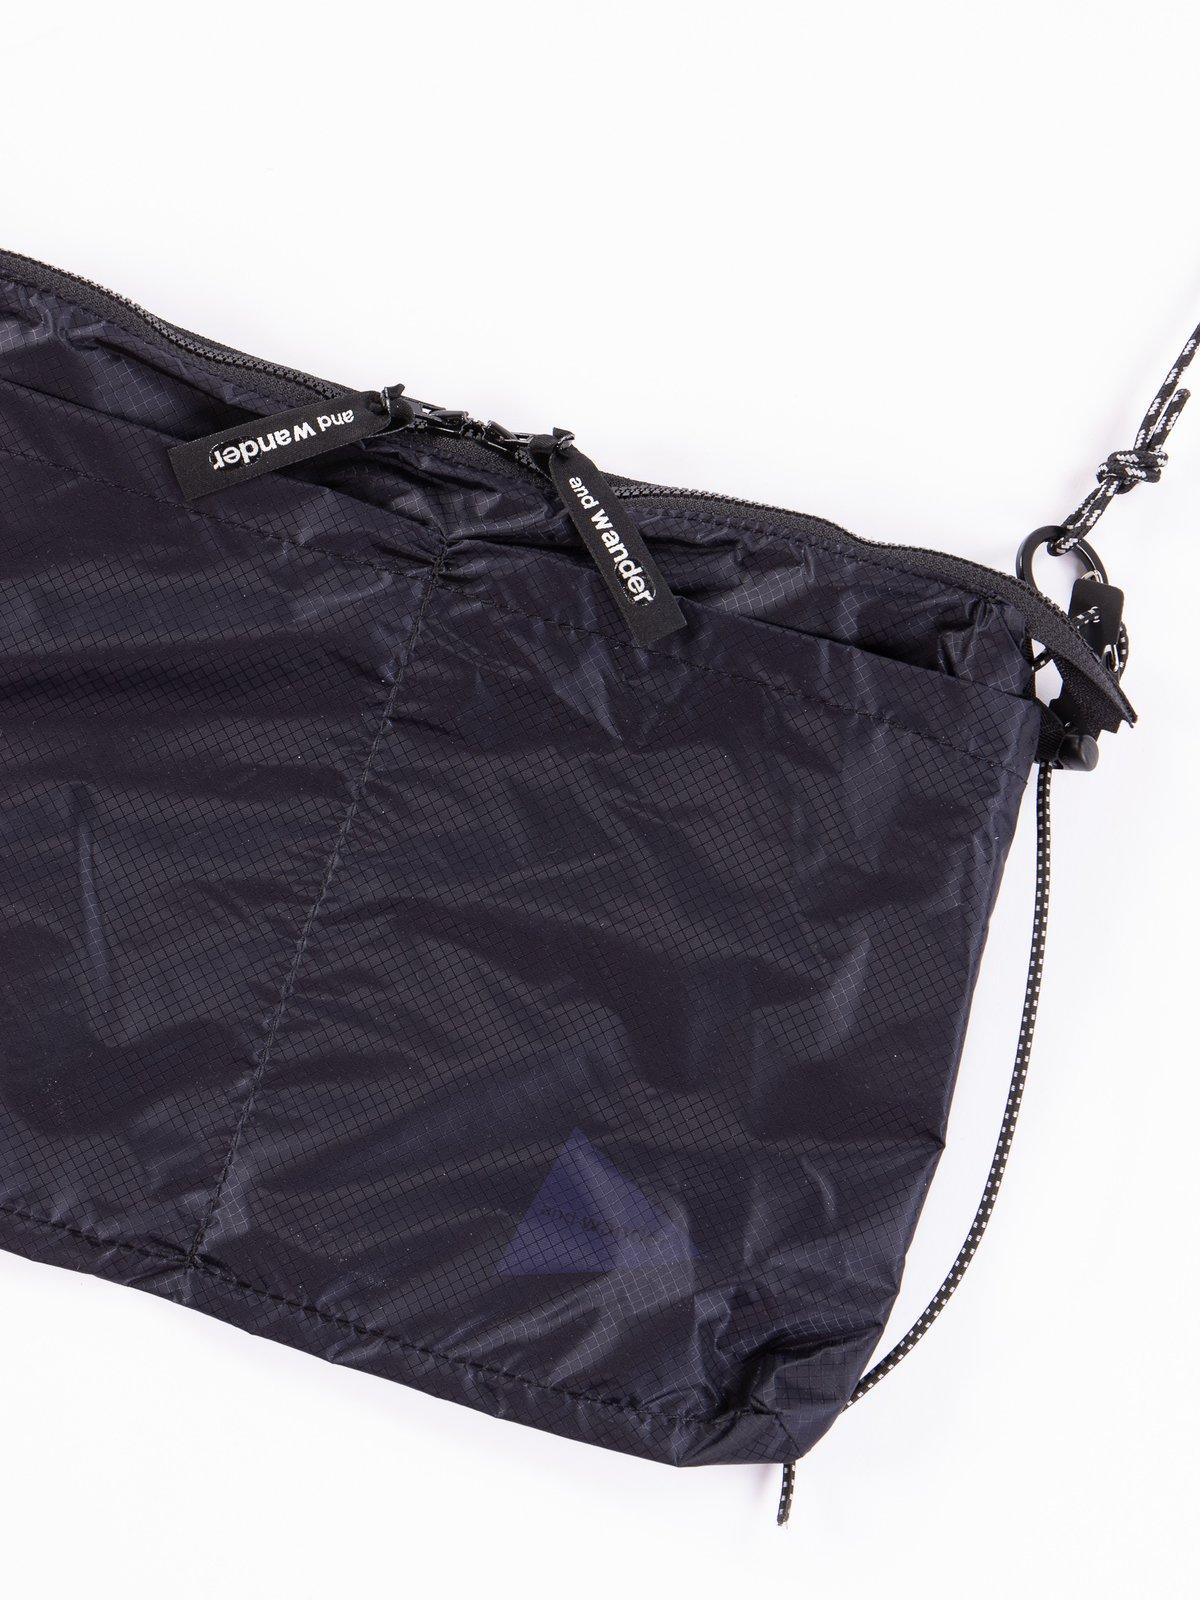 Navy Sil Sacoche Bag - Image 2